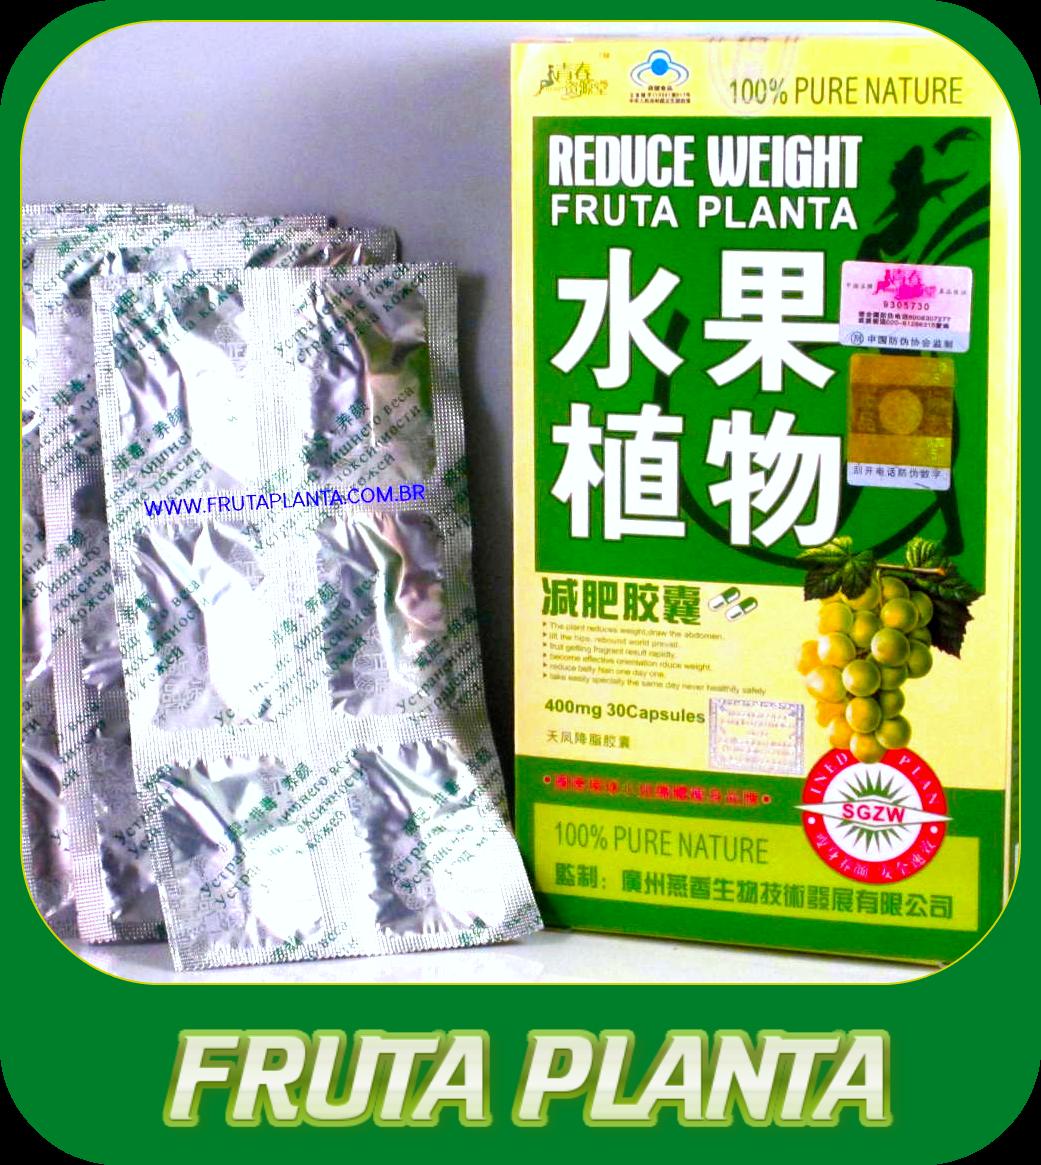 LiDa Emagrecedores Importados: Lote de Fruta Planta para